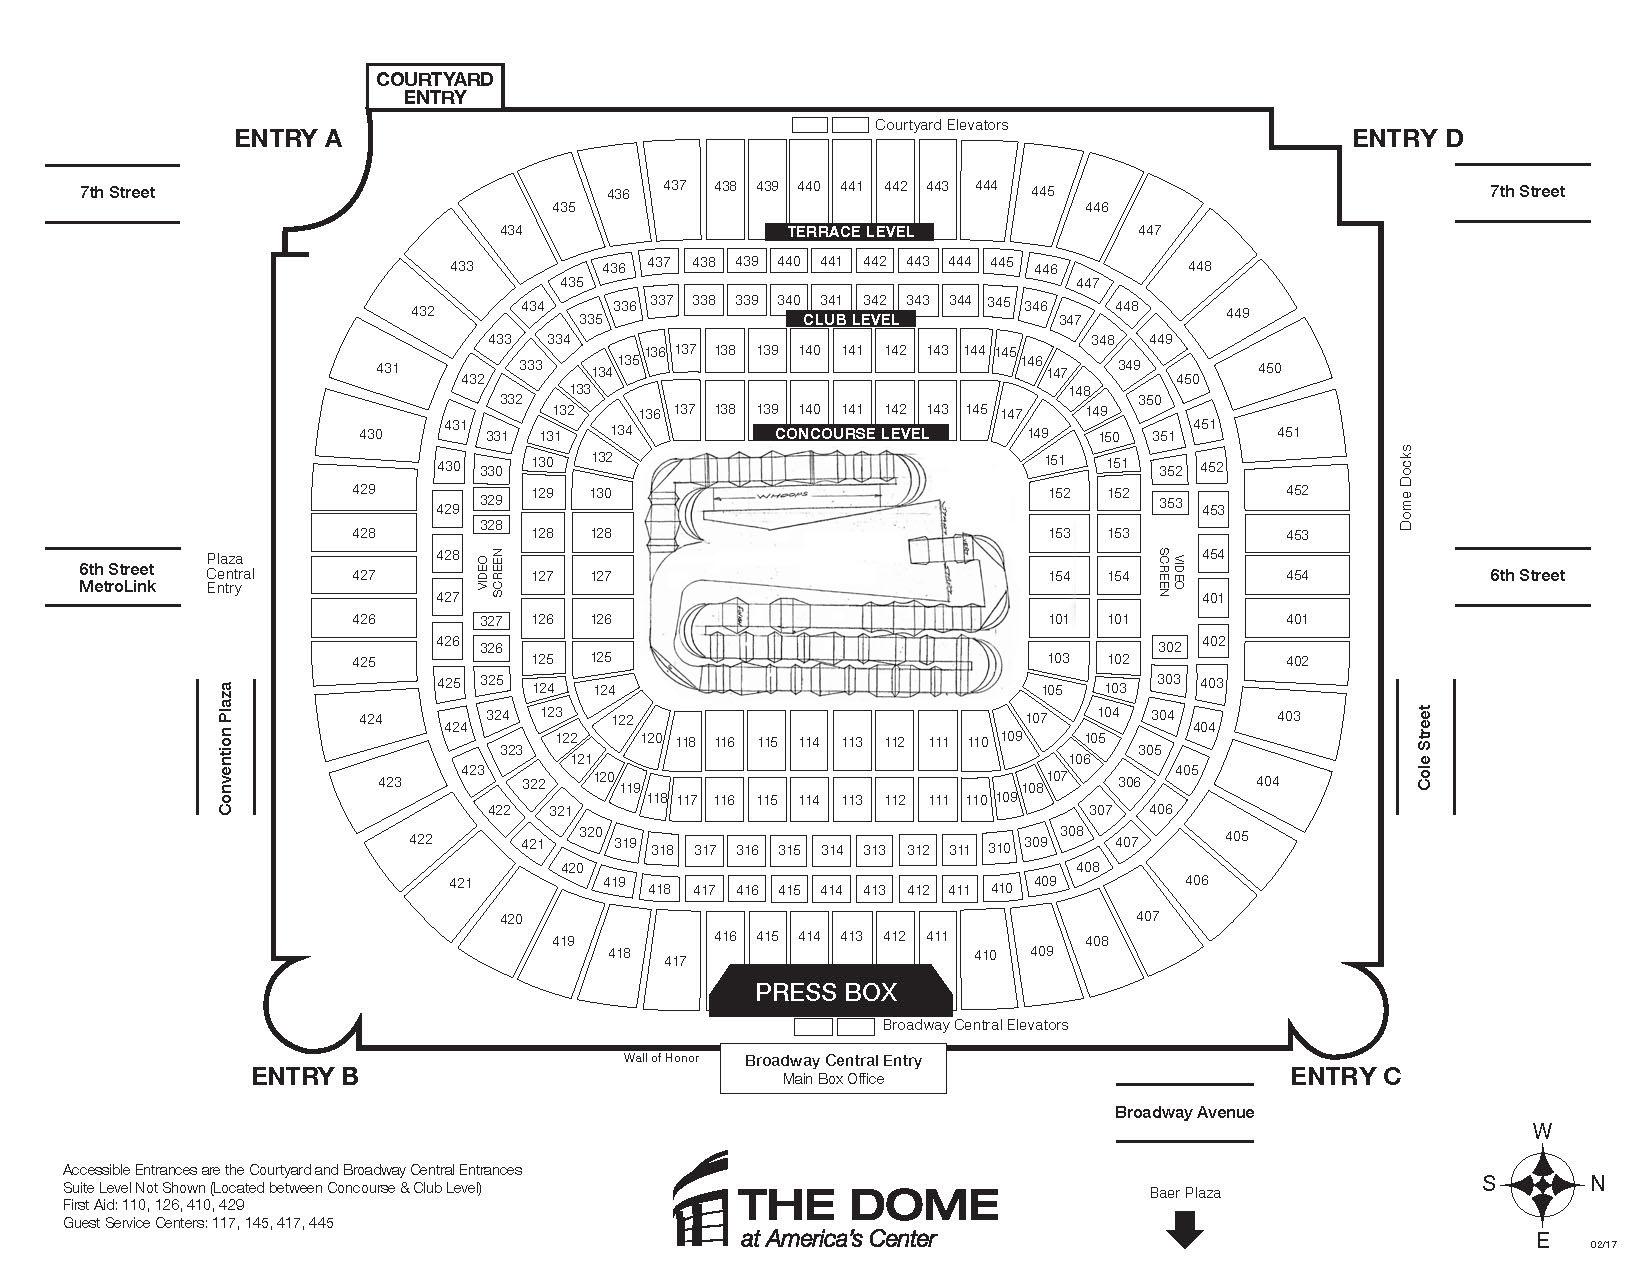 St. Louis Supercross 2018 Tickets